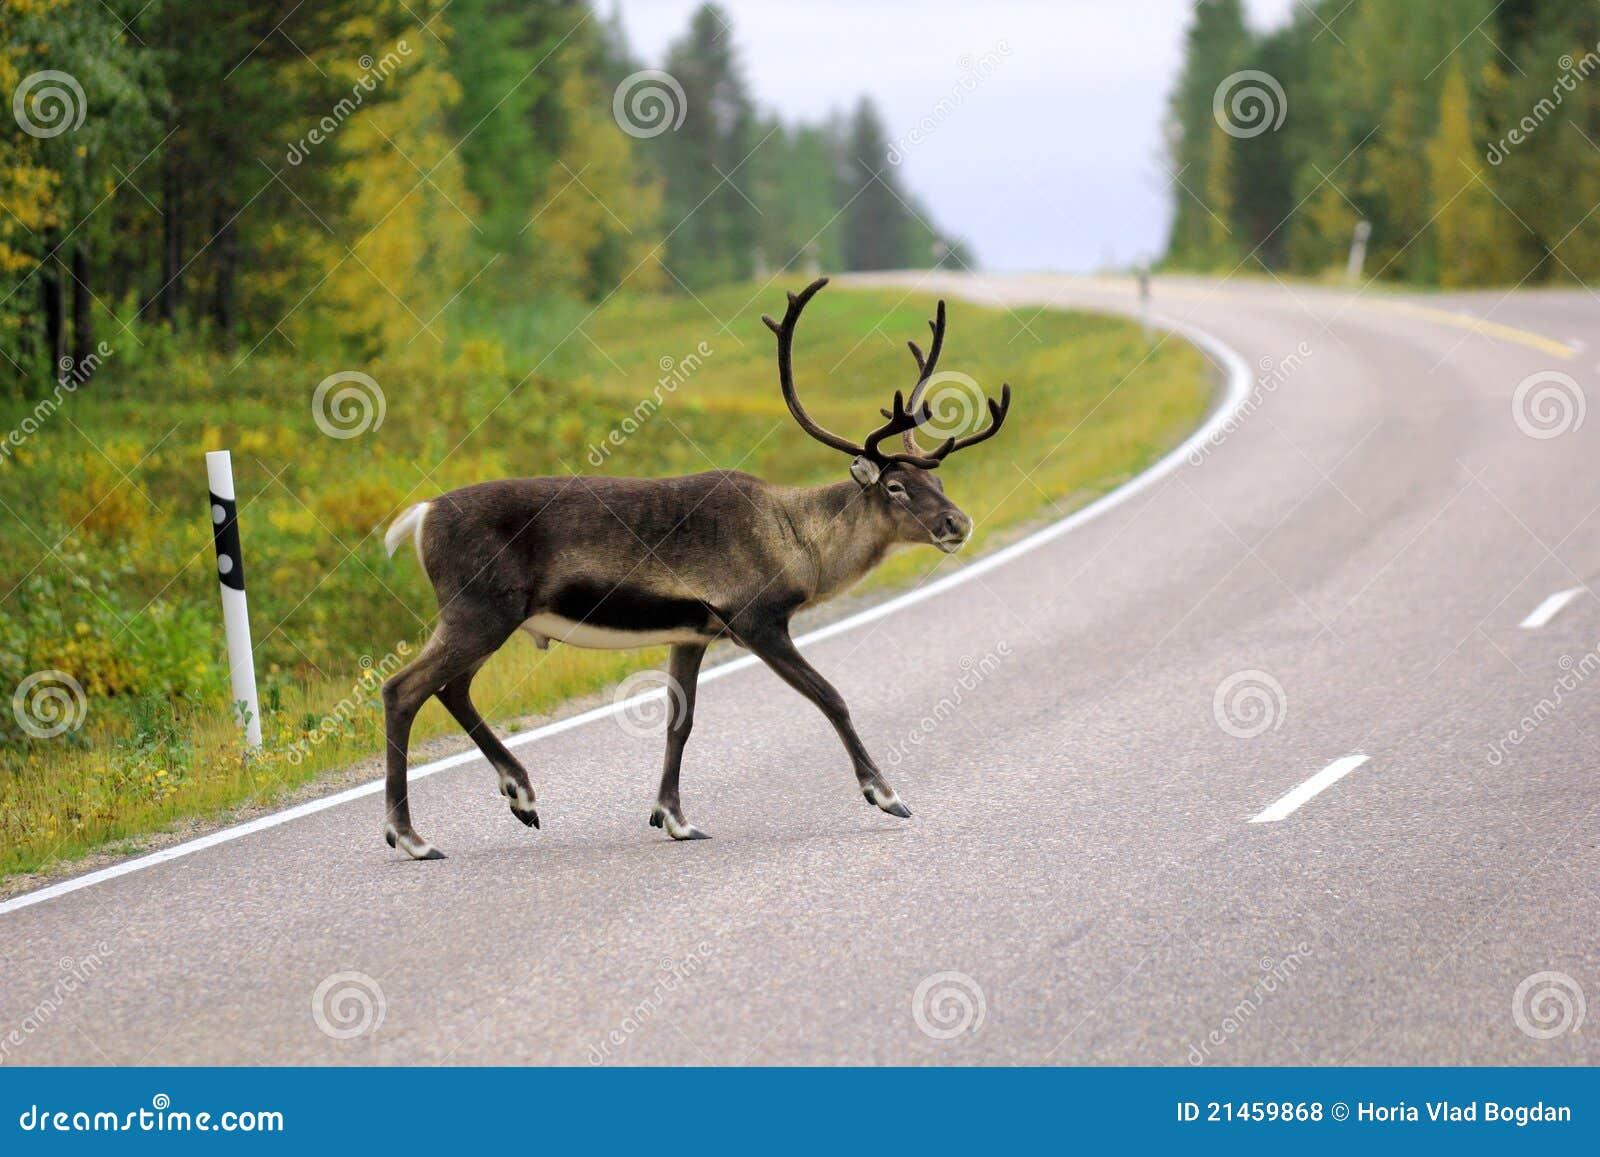 Crossingrenväg wild sweden